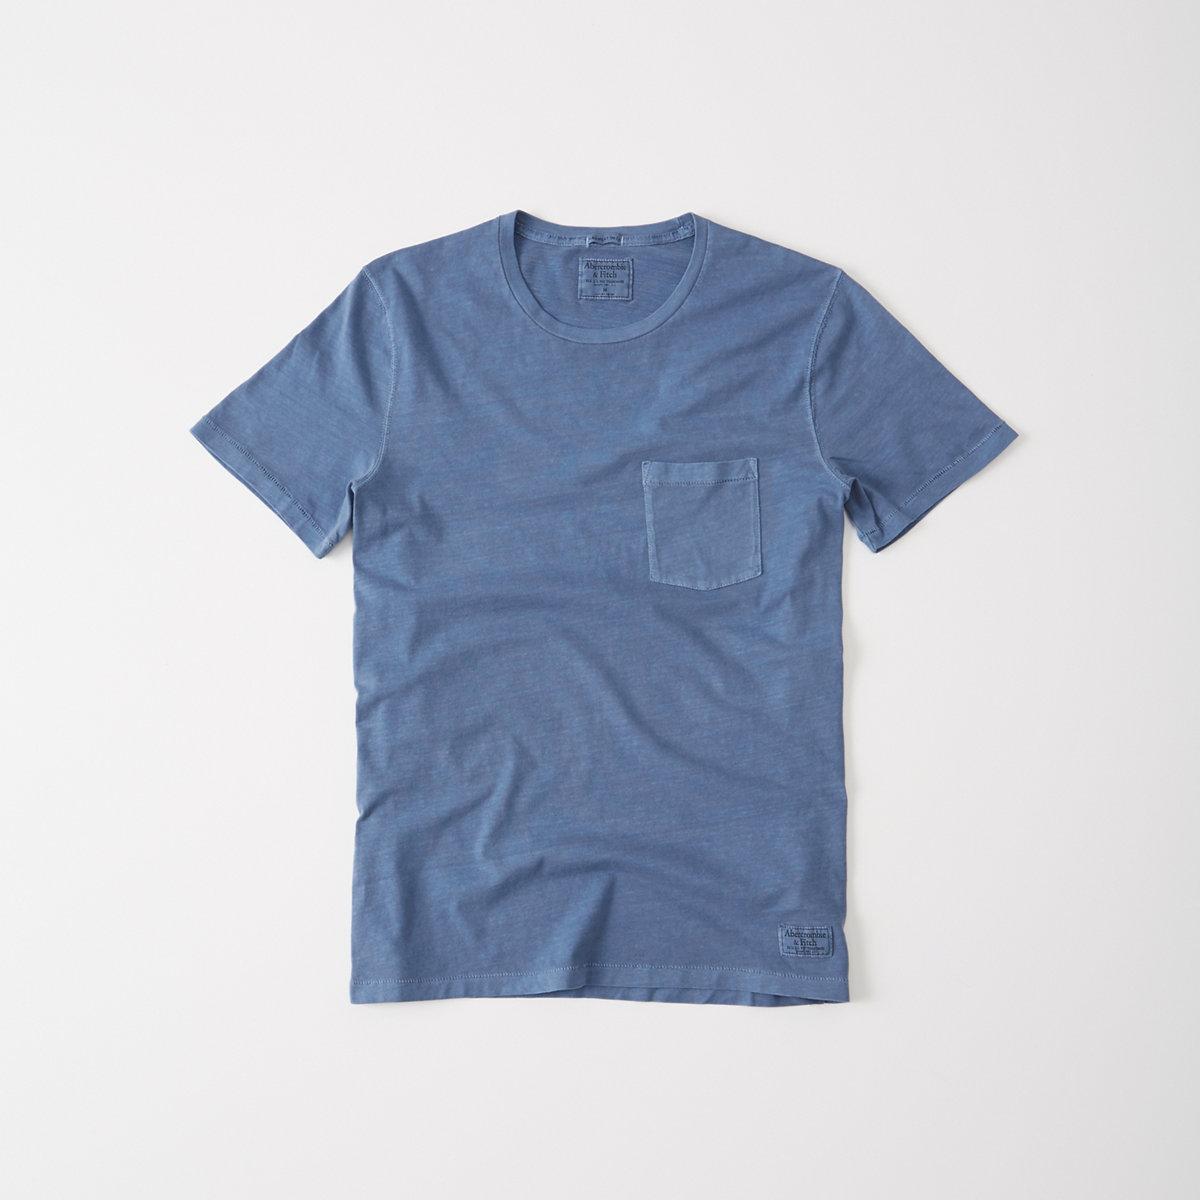 Garment Dye Crew Tee